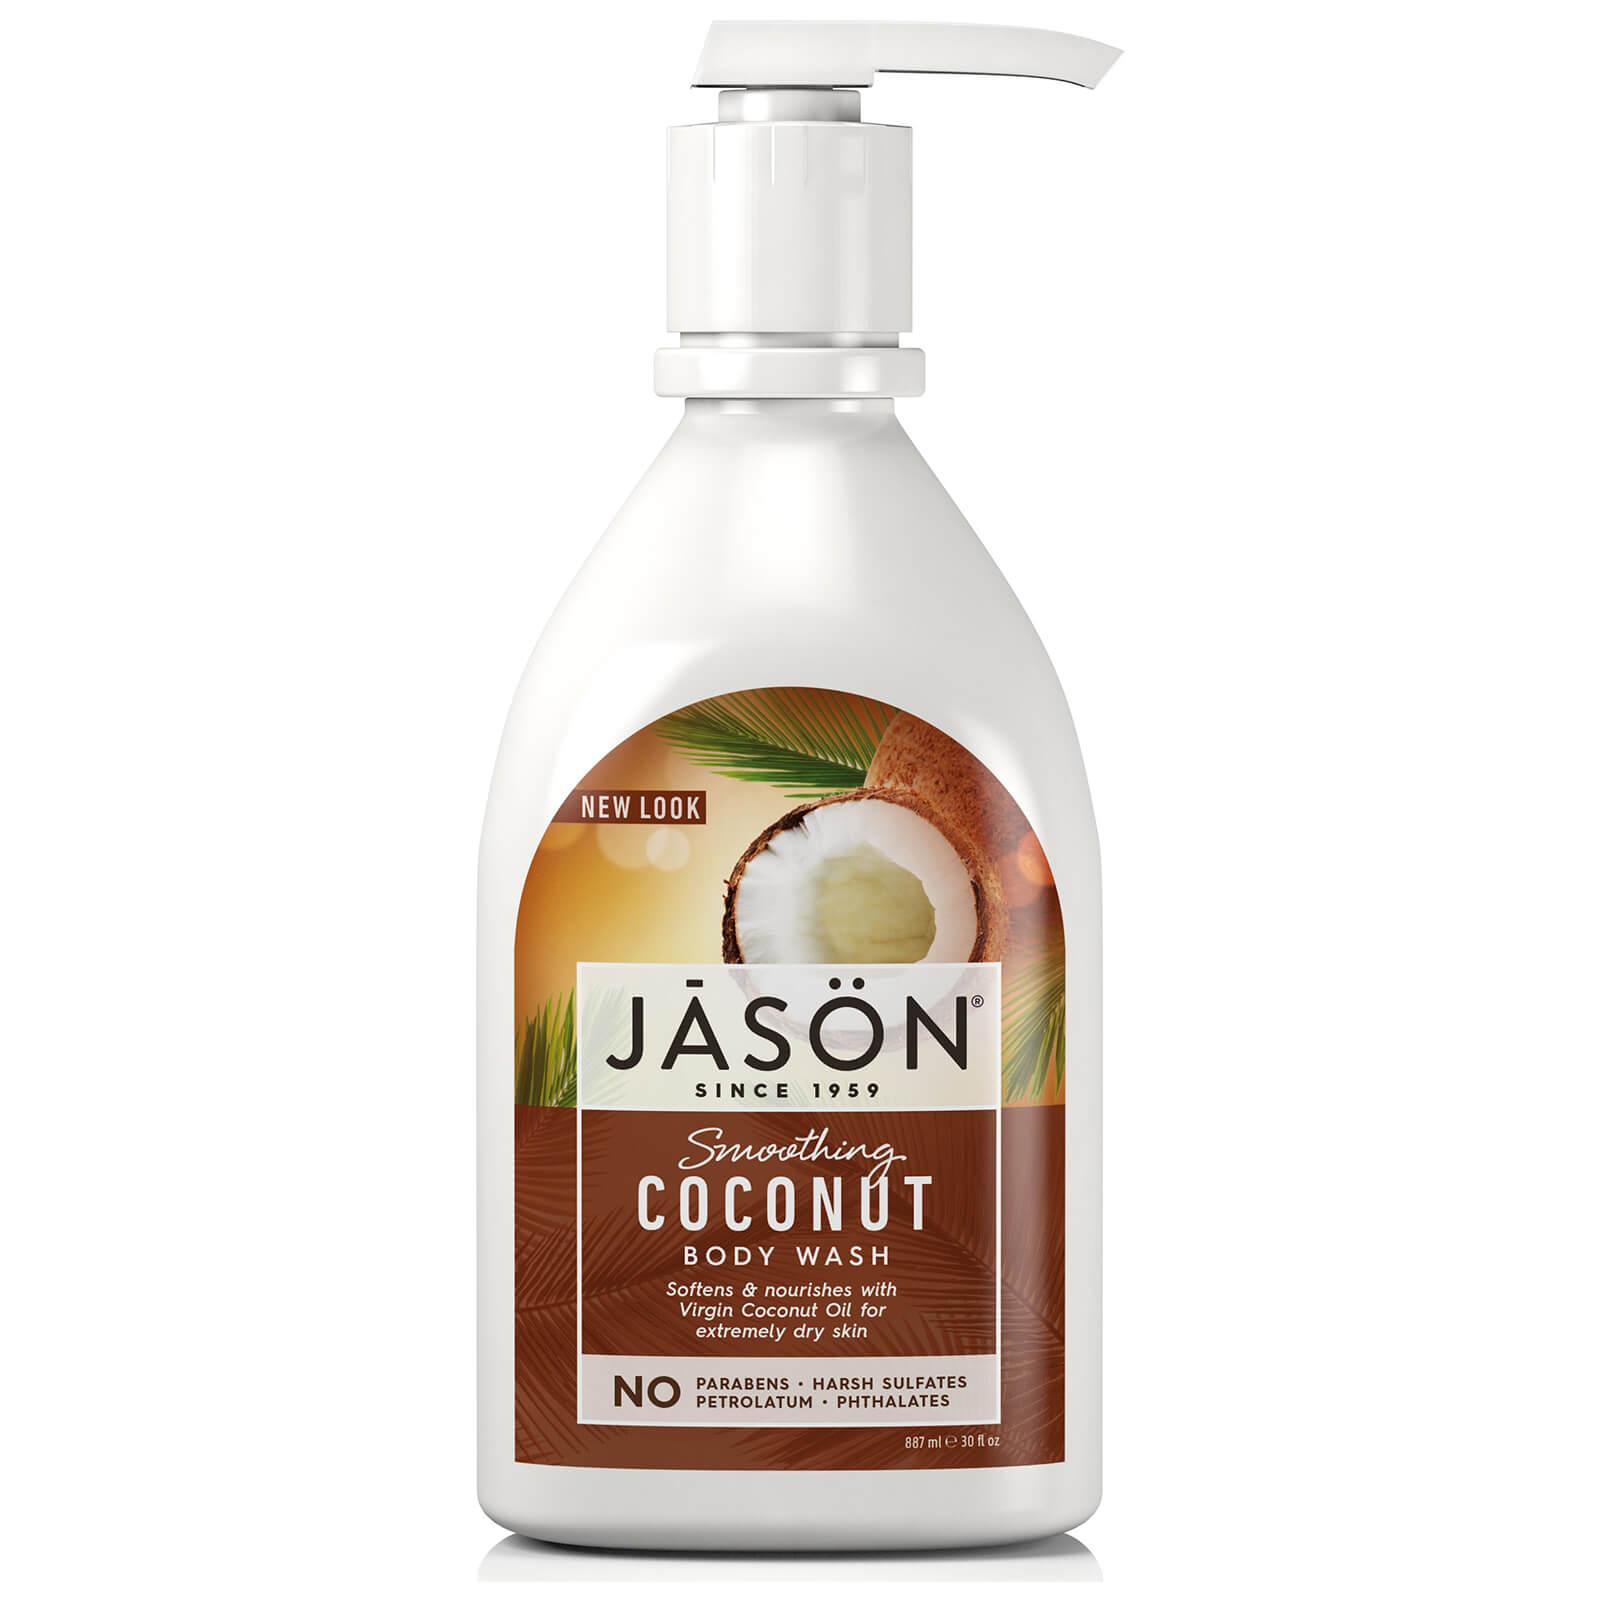 JASON Nettoyant corporel adoucissant à la noix de coco JASON887ml